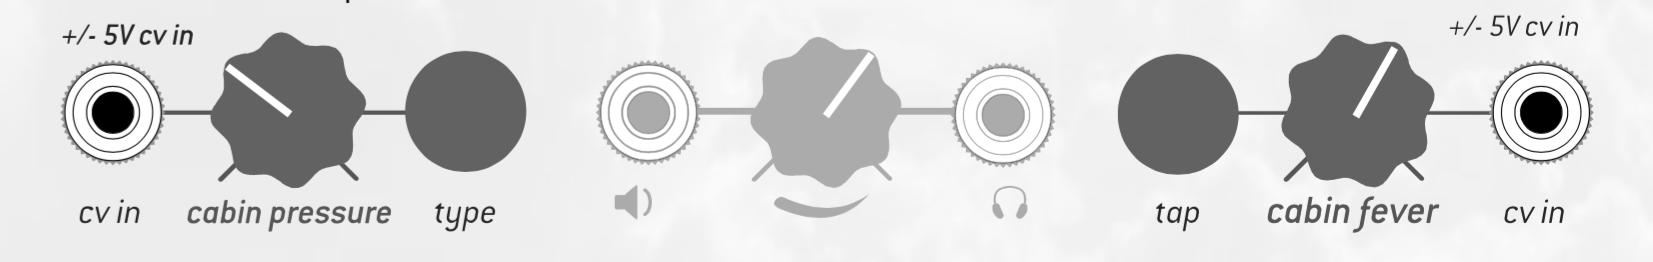 Captura de pantalla 2020 01 20 a las 19.50.48 - Workshop Endorphin.es. Así fue